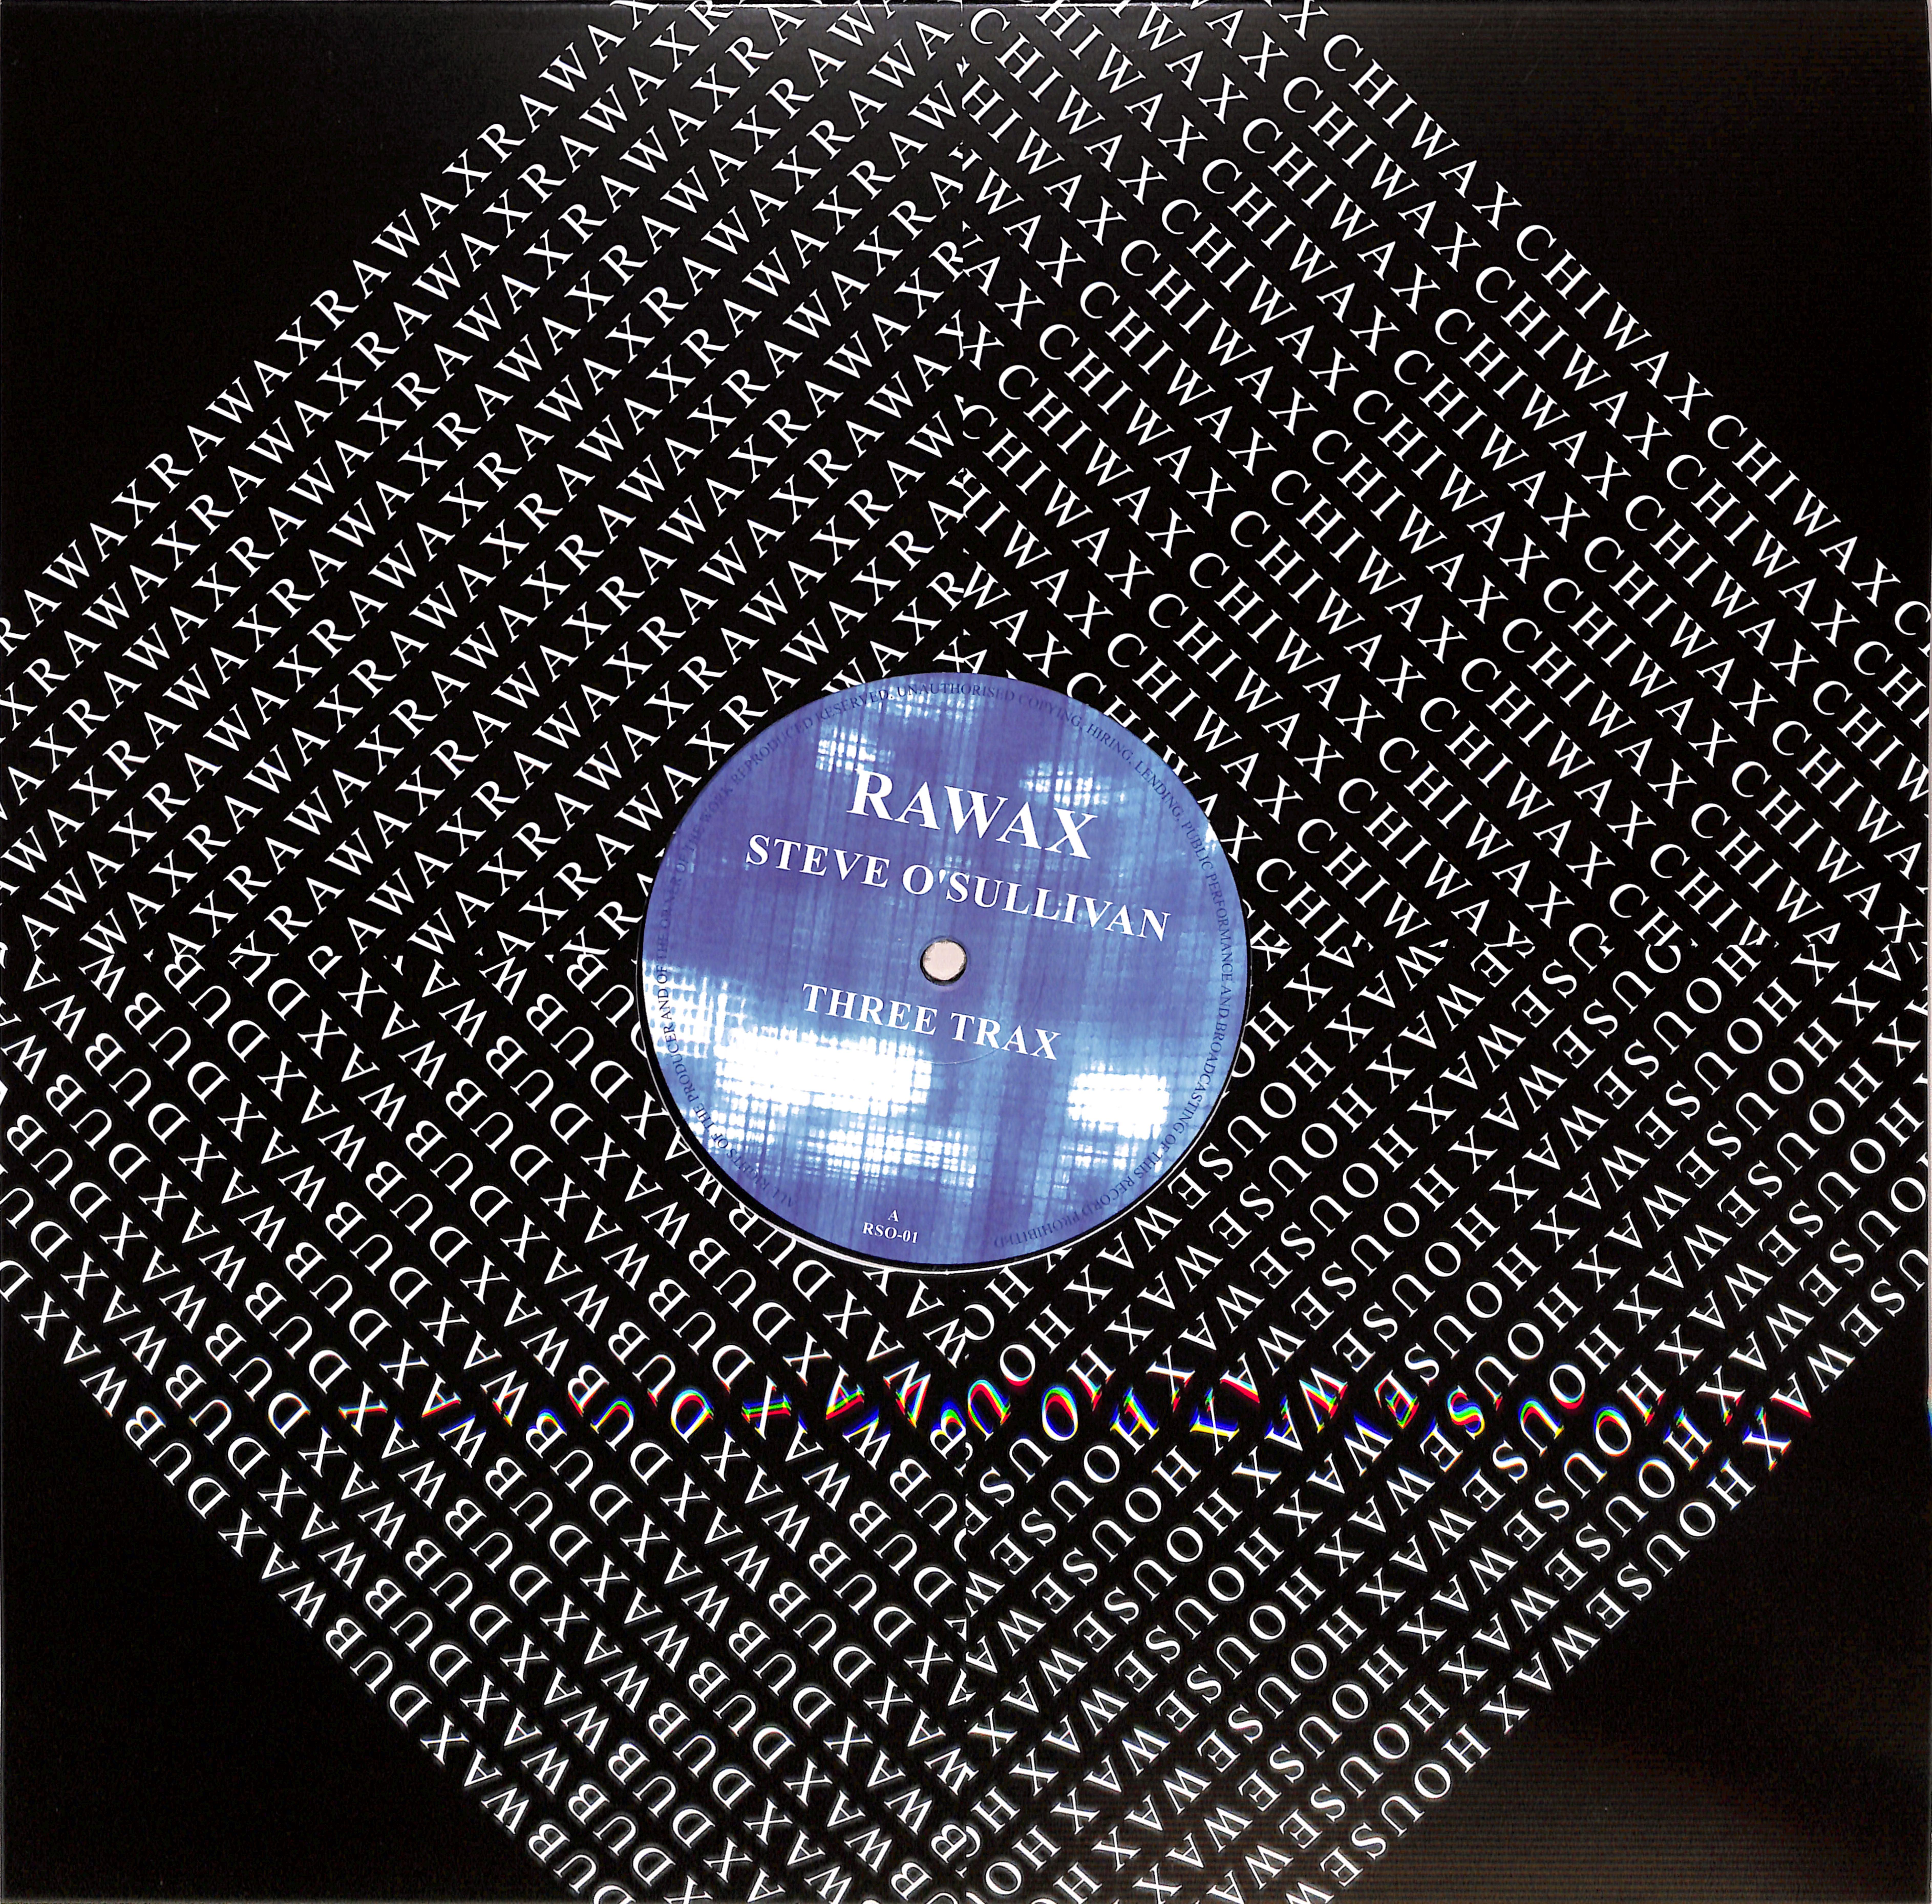 Steve O Sullivan - THREE TRAX